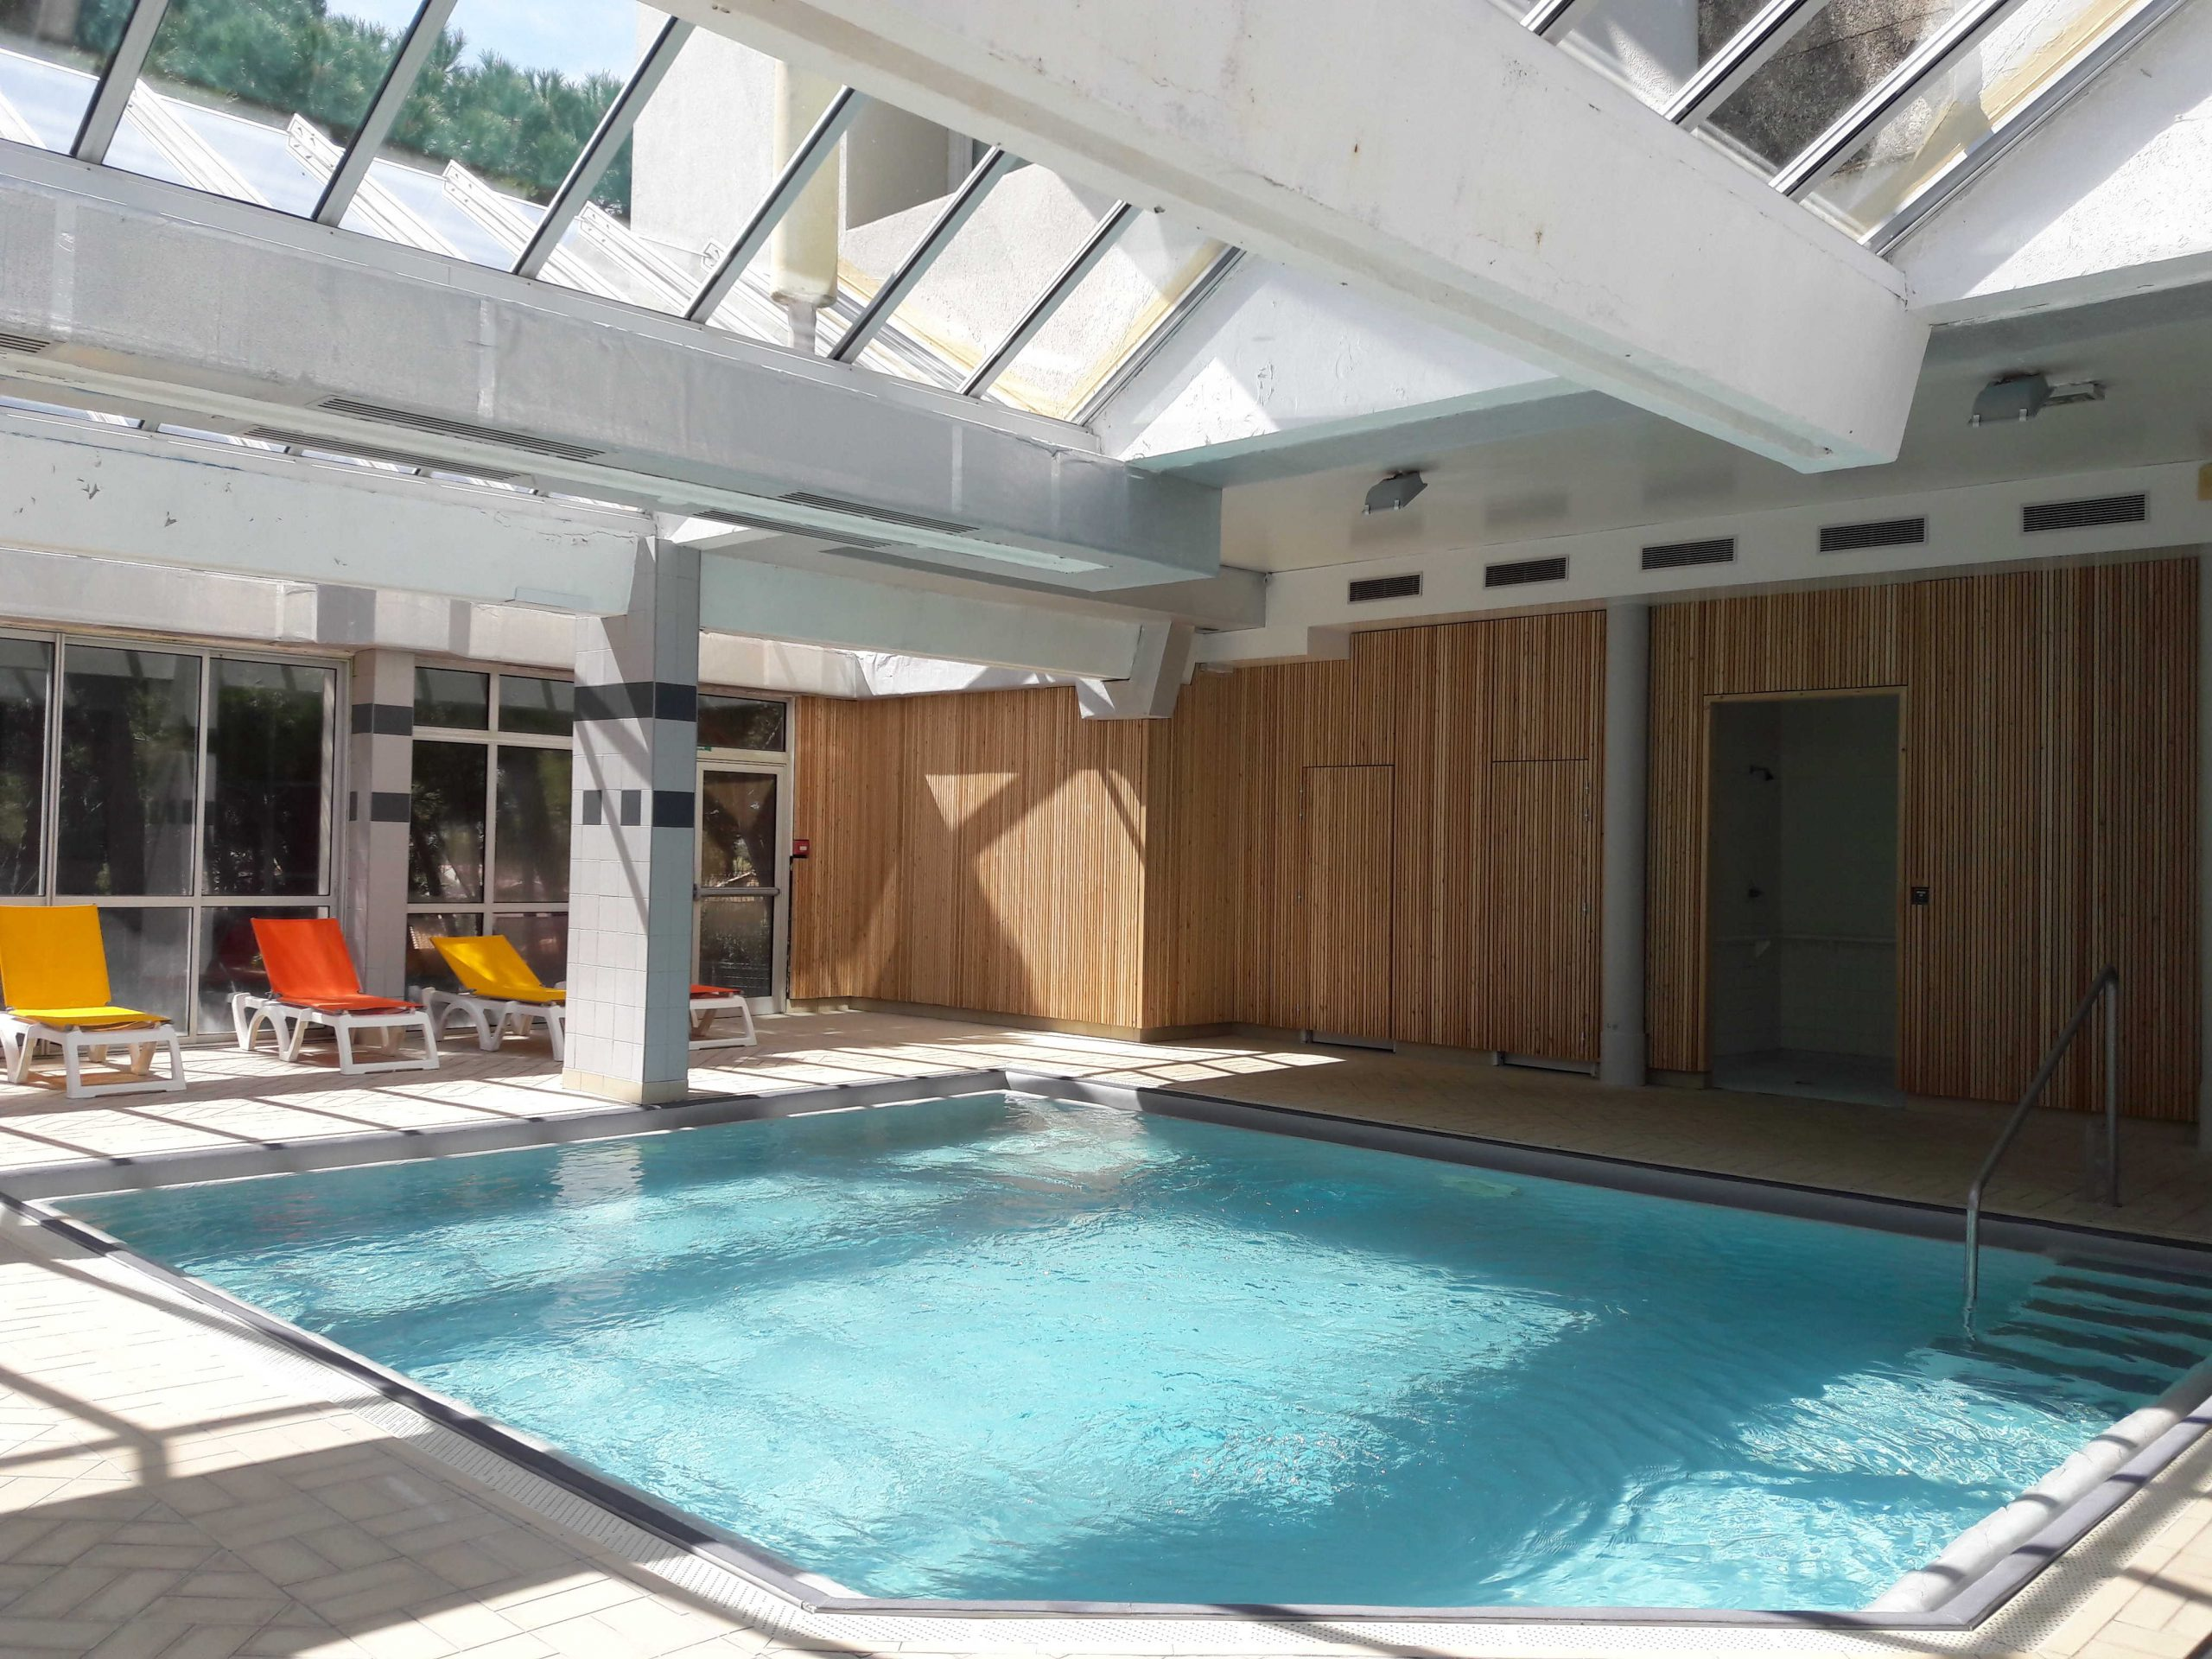 Balneotherapy Center, Hôtel Ibis Sète, Balaruc Les Bains encequiconcerne Piscine Sete